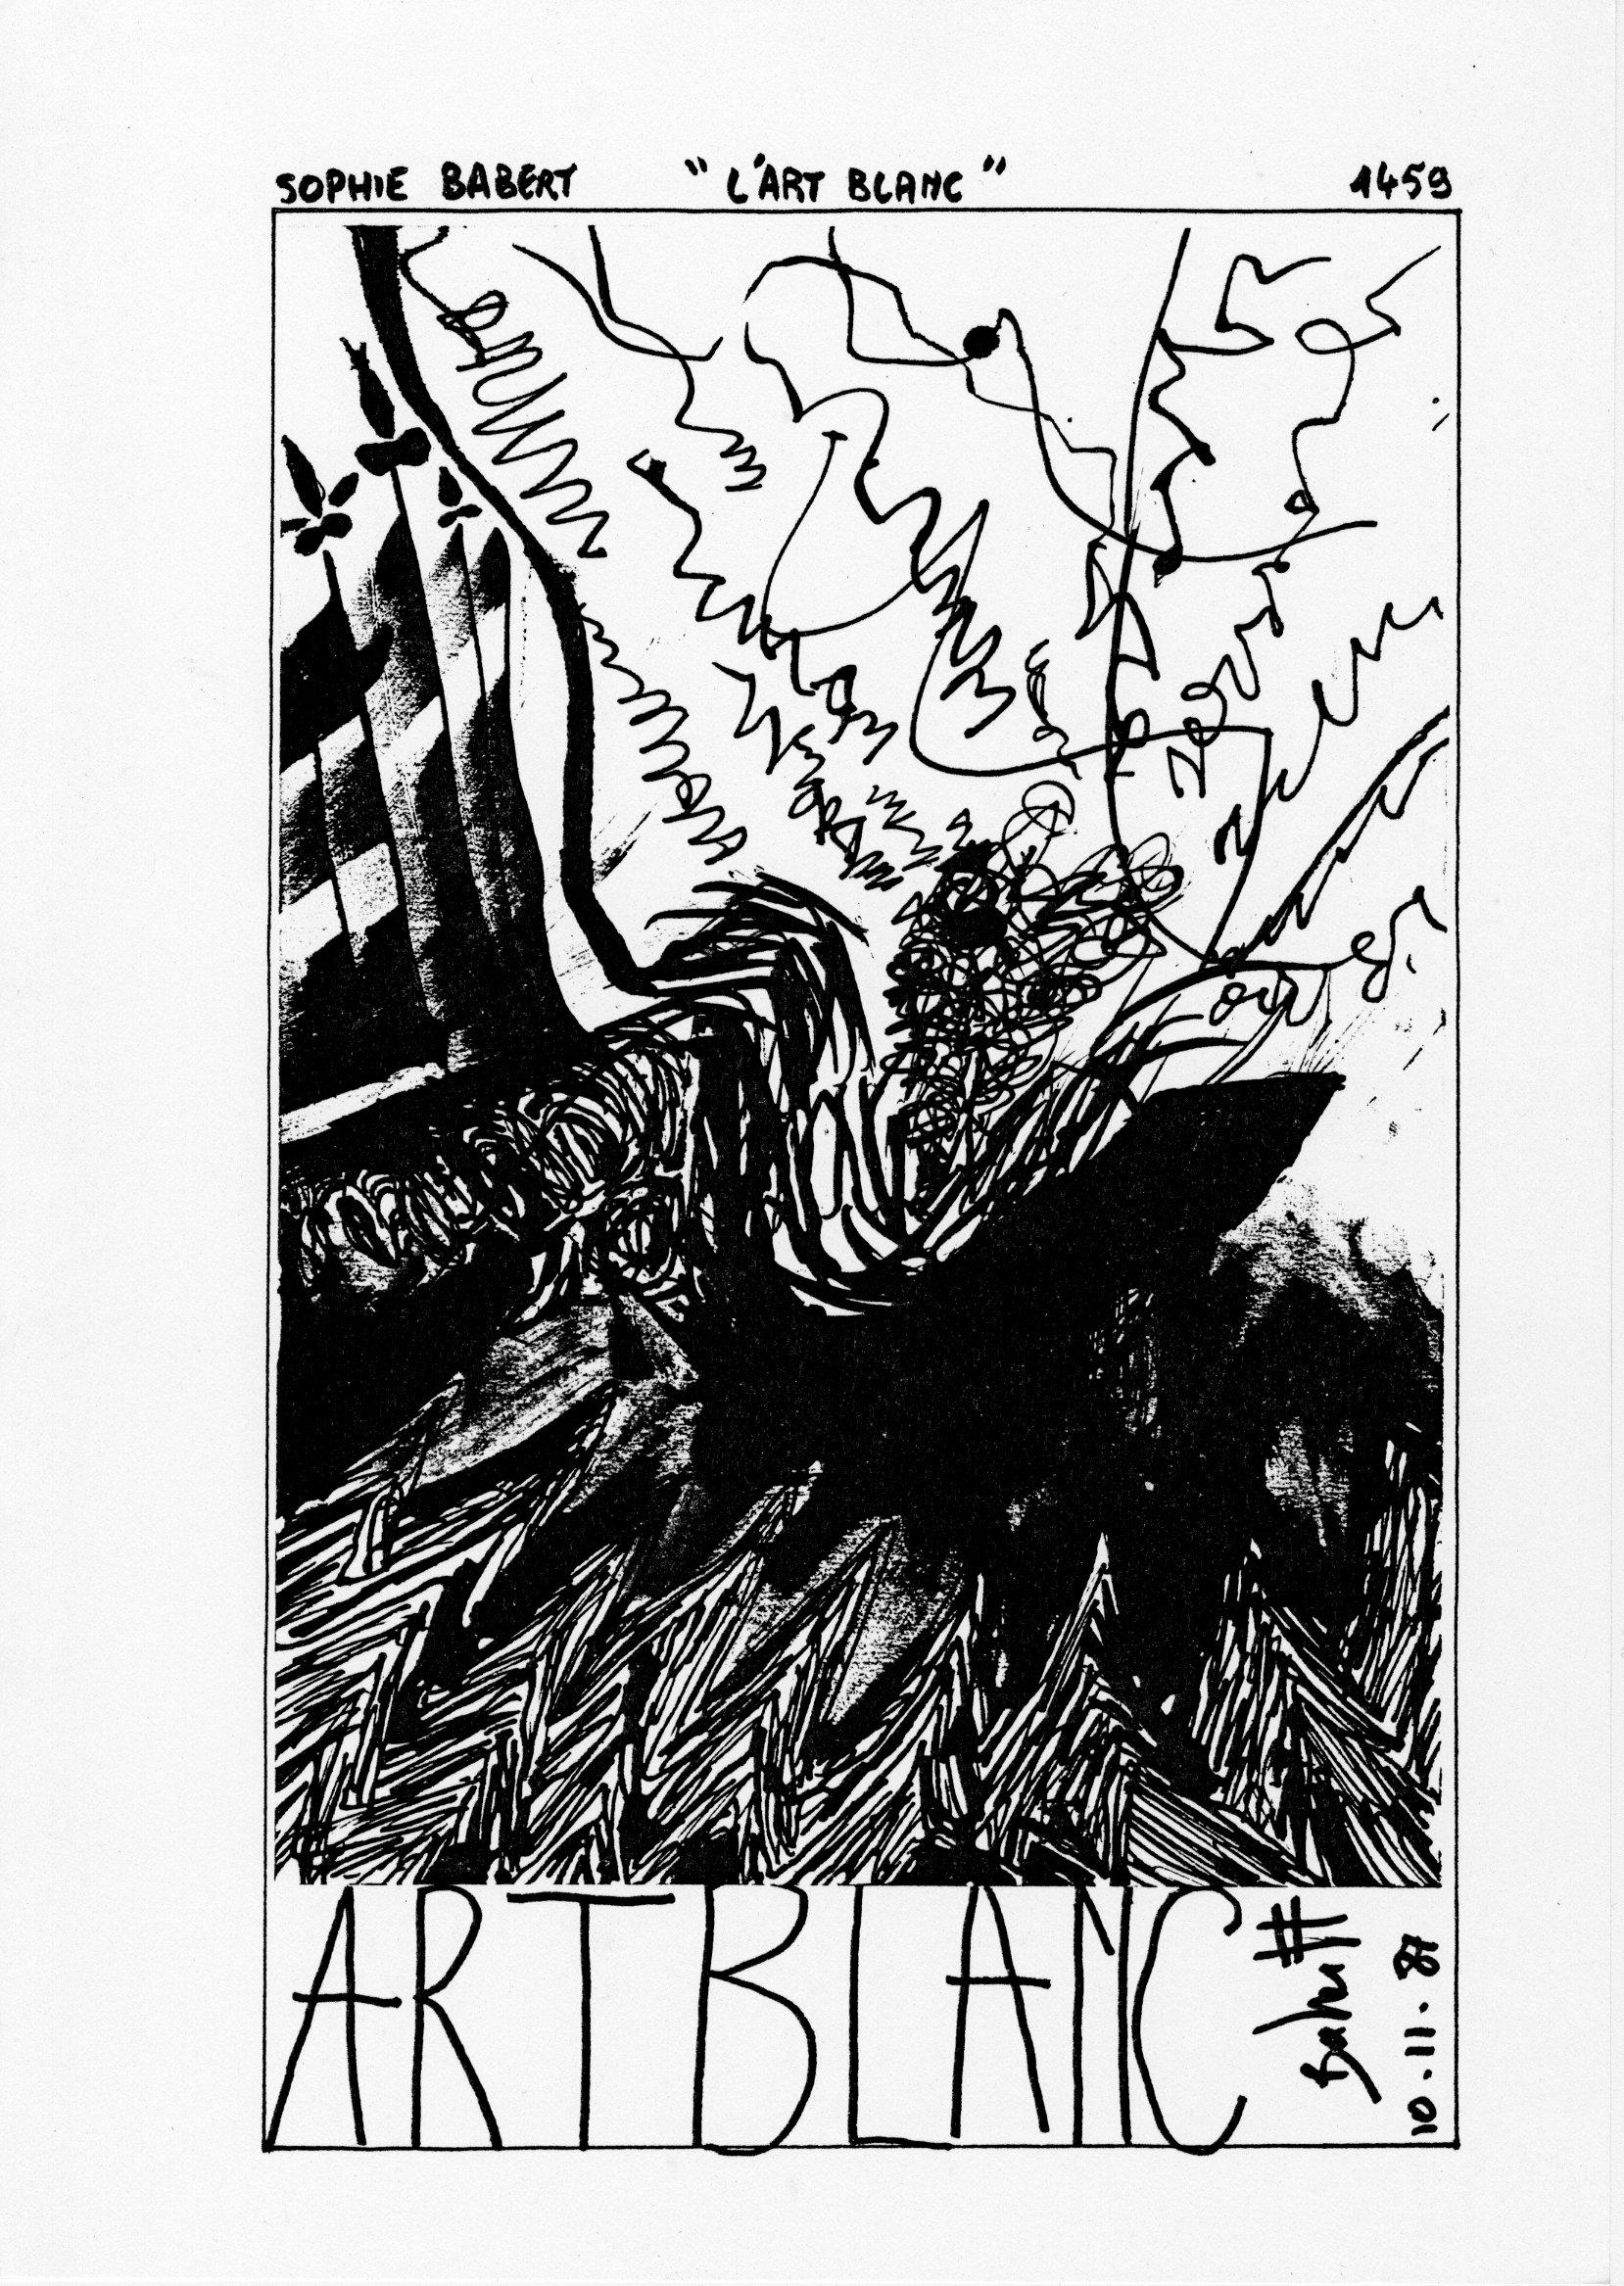 page 1459 S. Babert L'ART BLANC